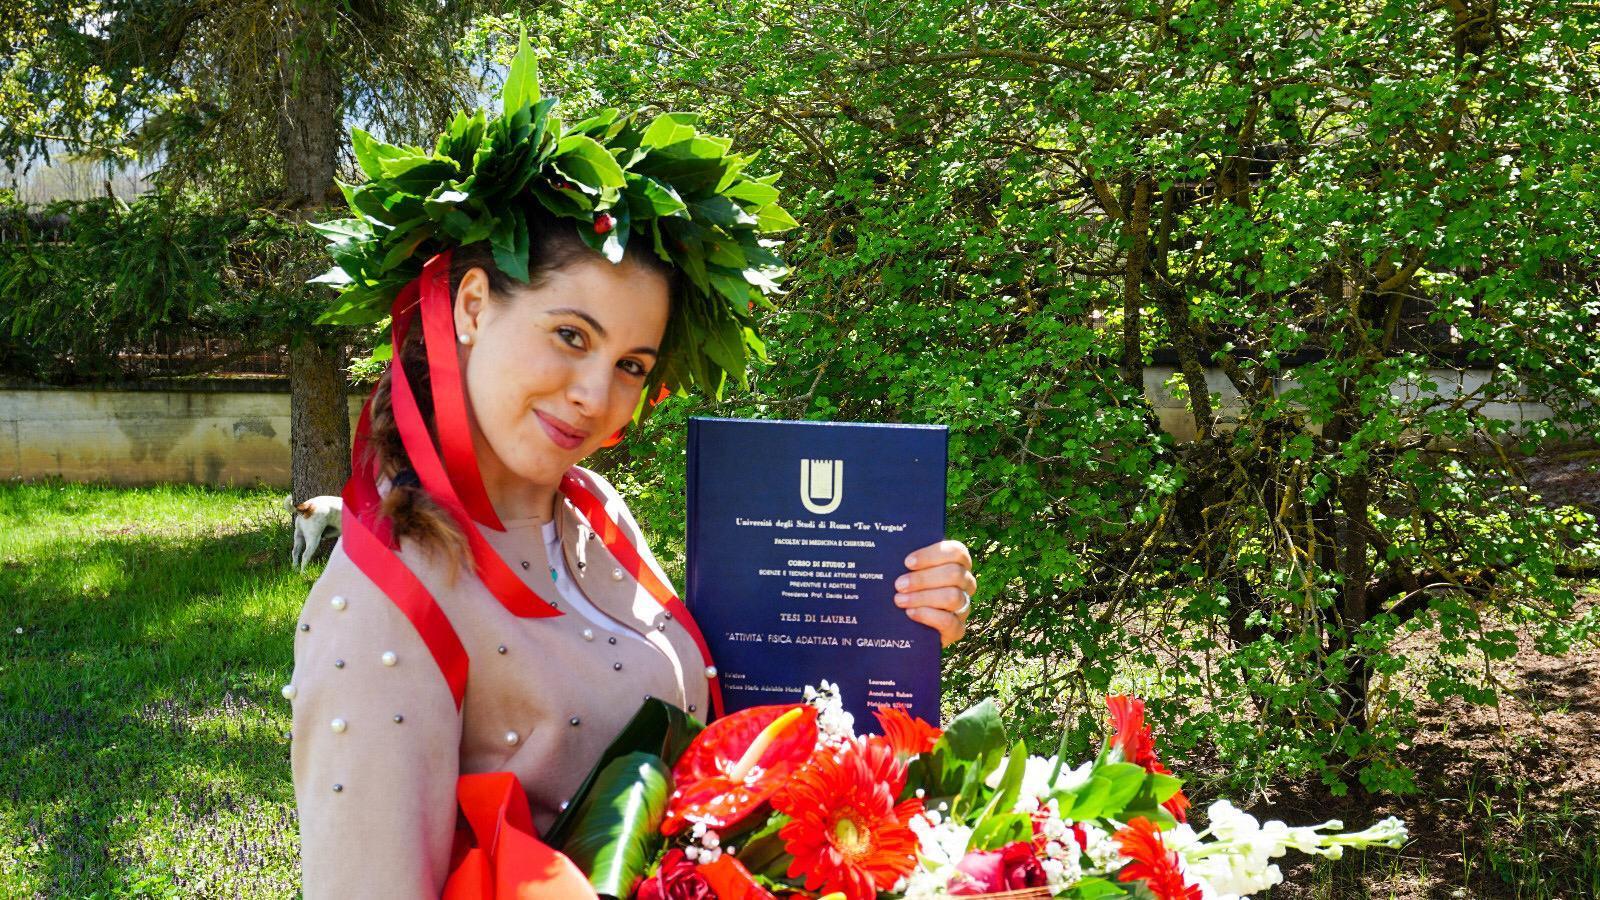 Felice evento a Tagliacozzo, laurea da casa per Annalaura Rubeo